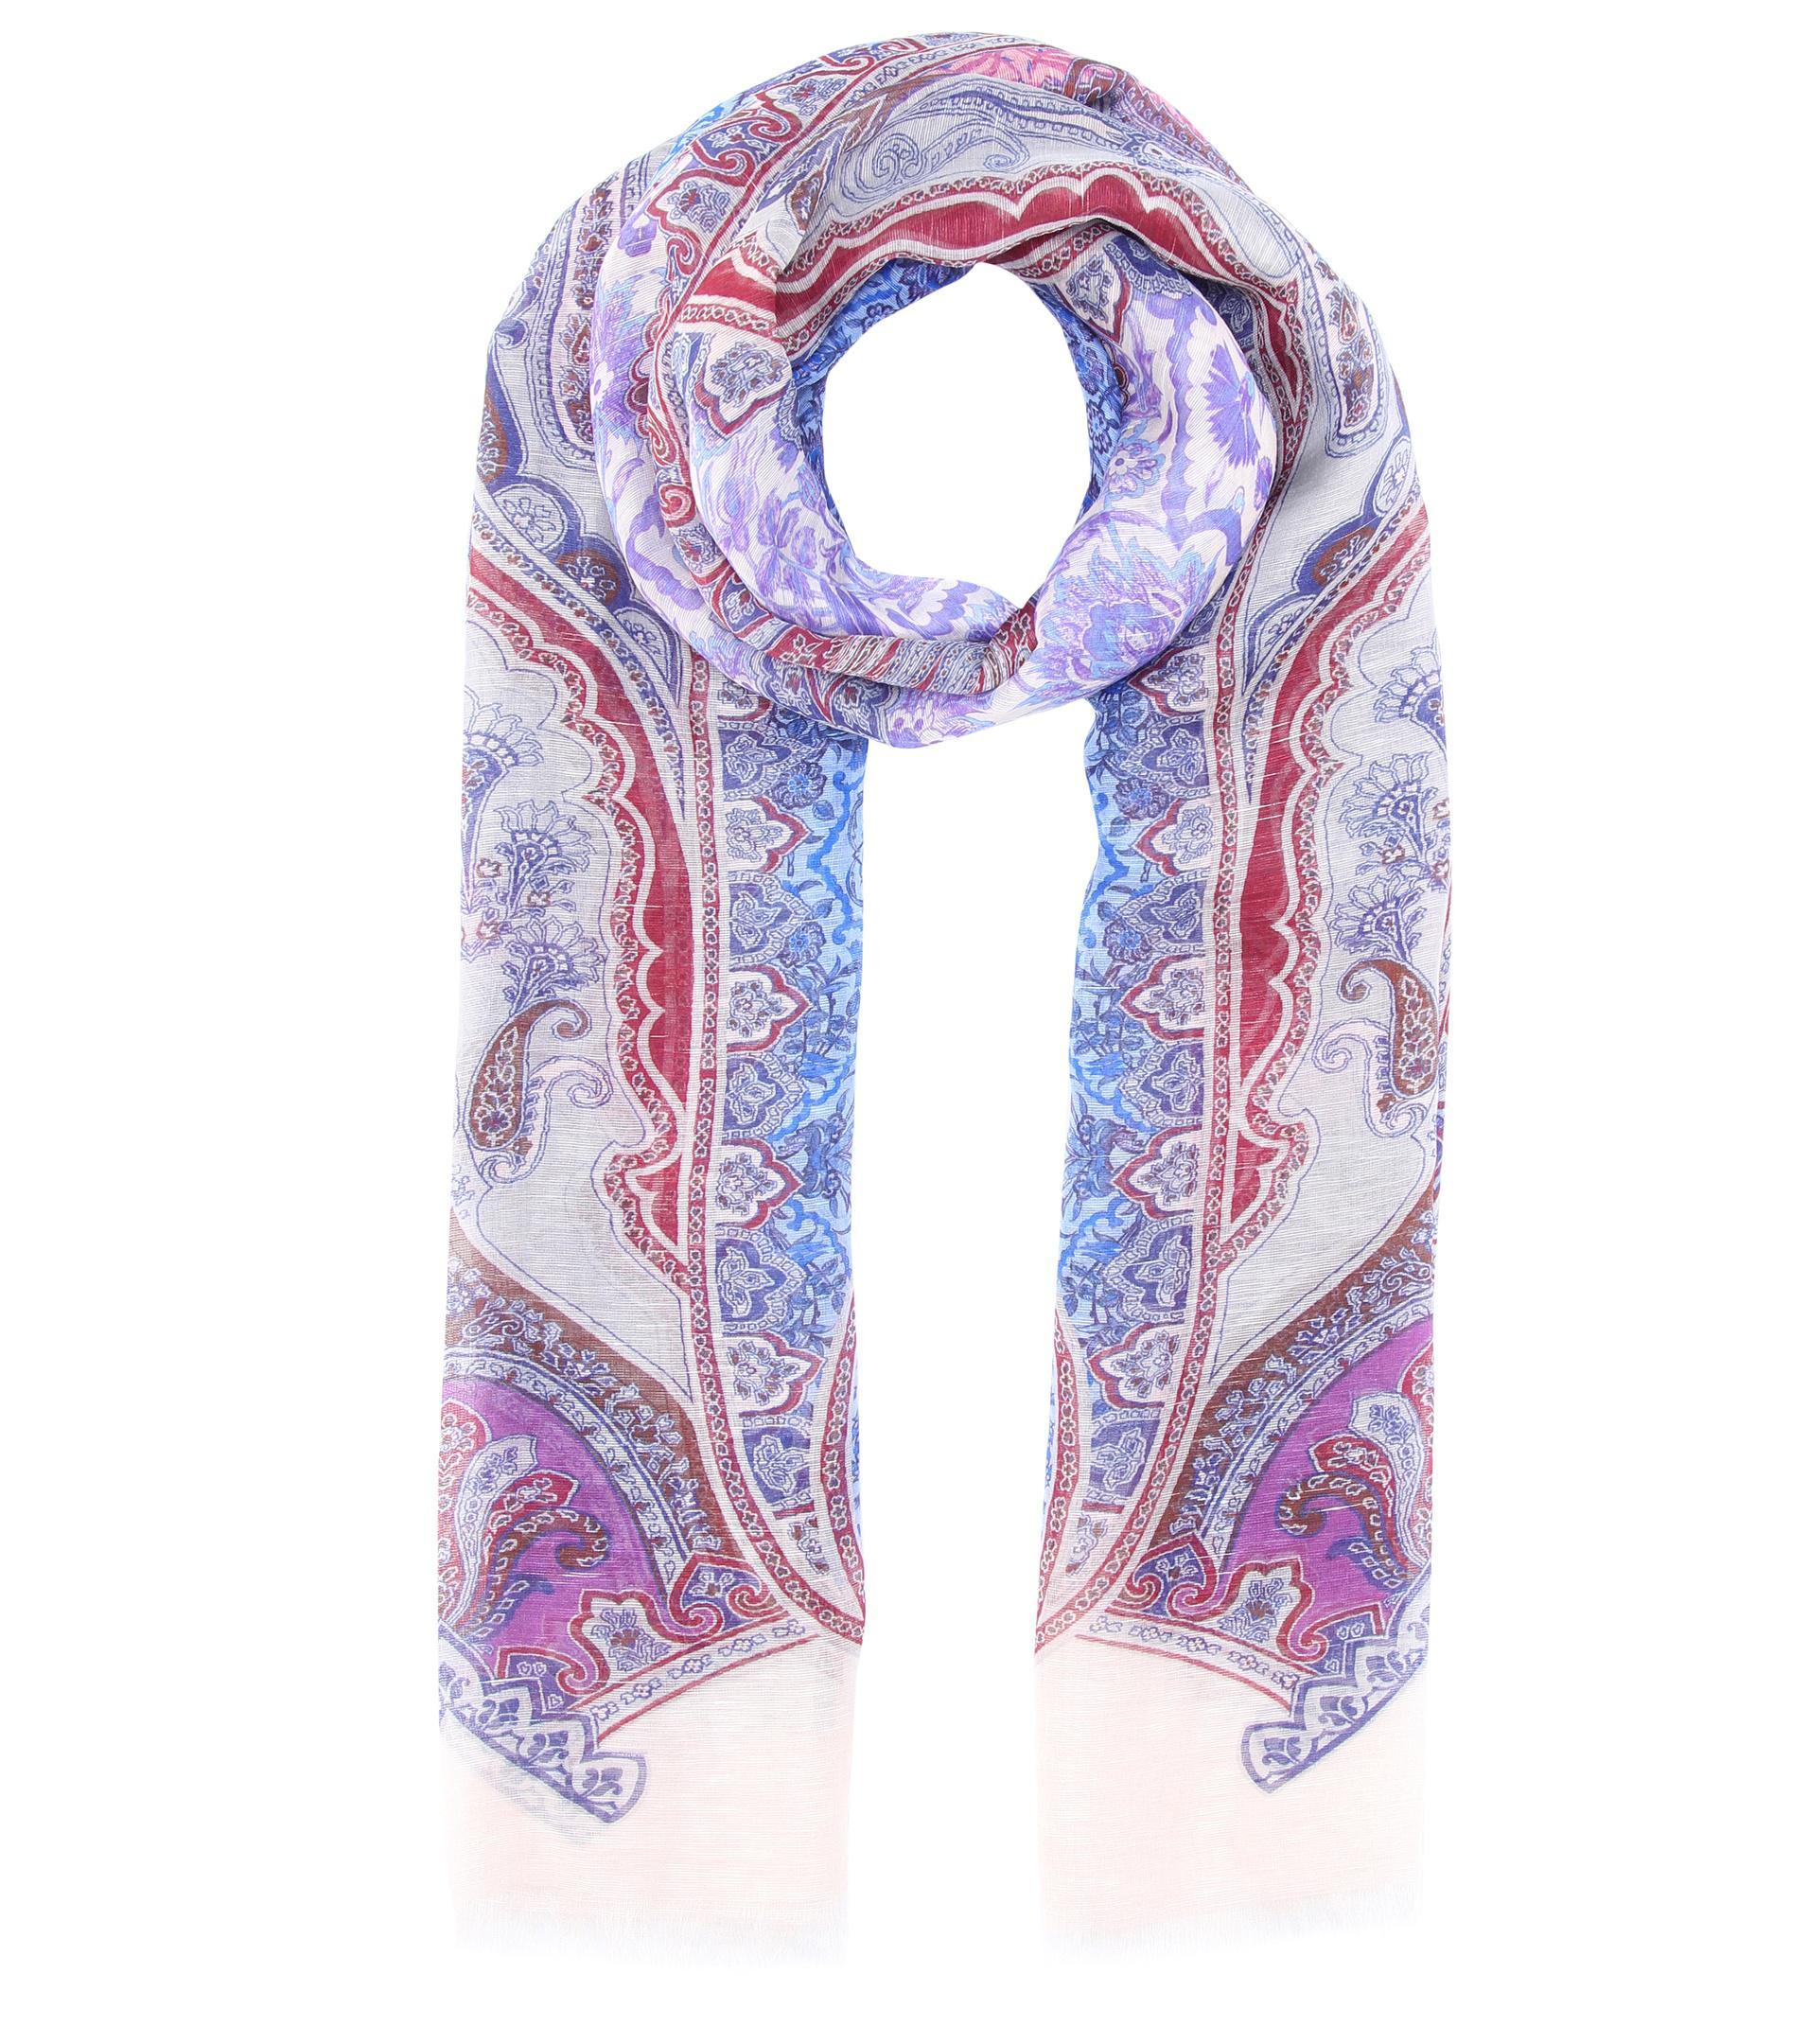 c2b97c47679 Lyst - Foulard en lin et soie imprimés Etro en coloris Violet